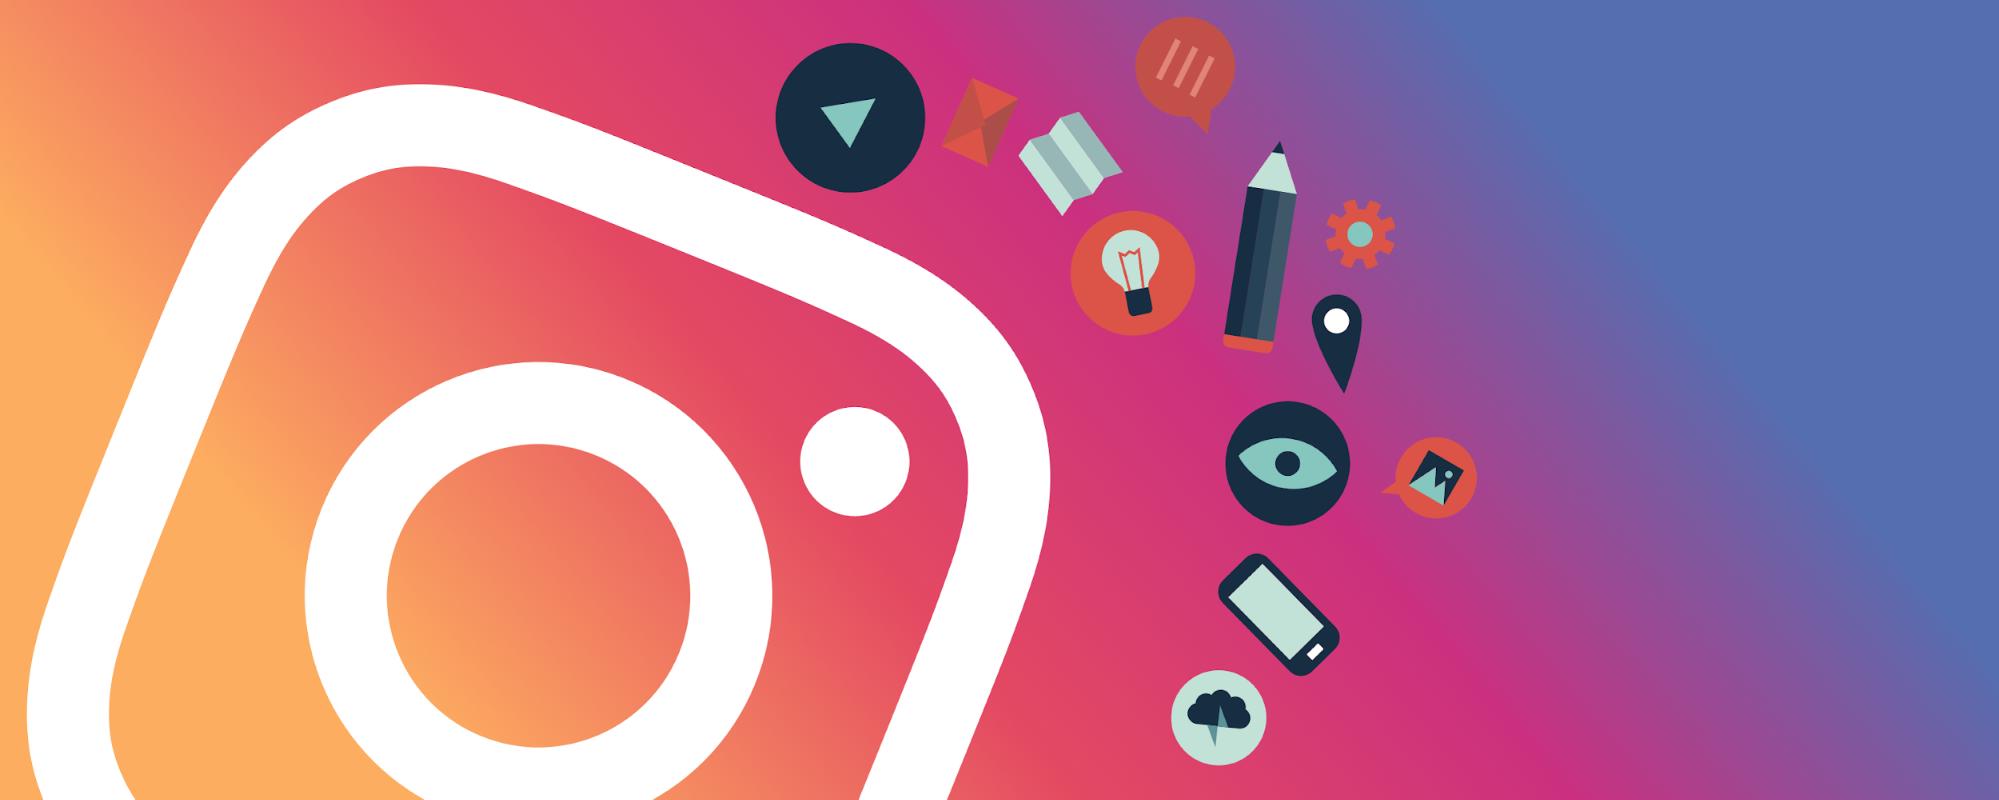 Instagram có điểm gì nổi bật so với Facebook?